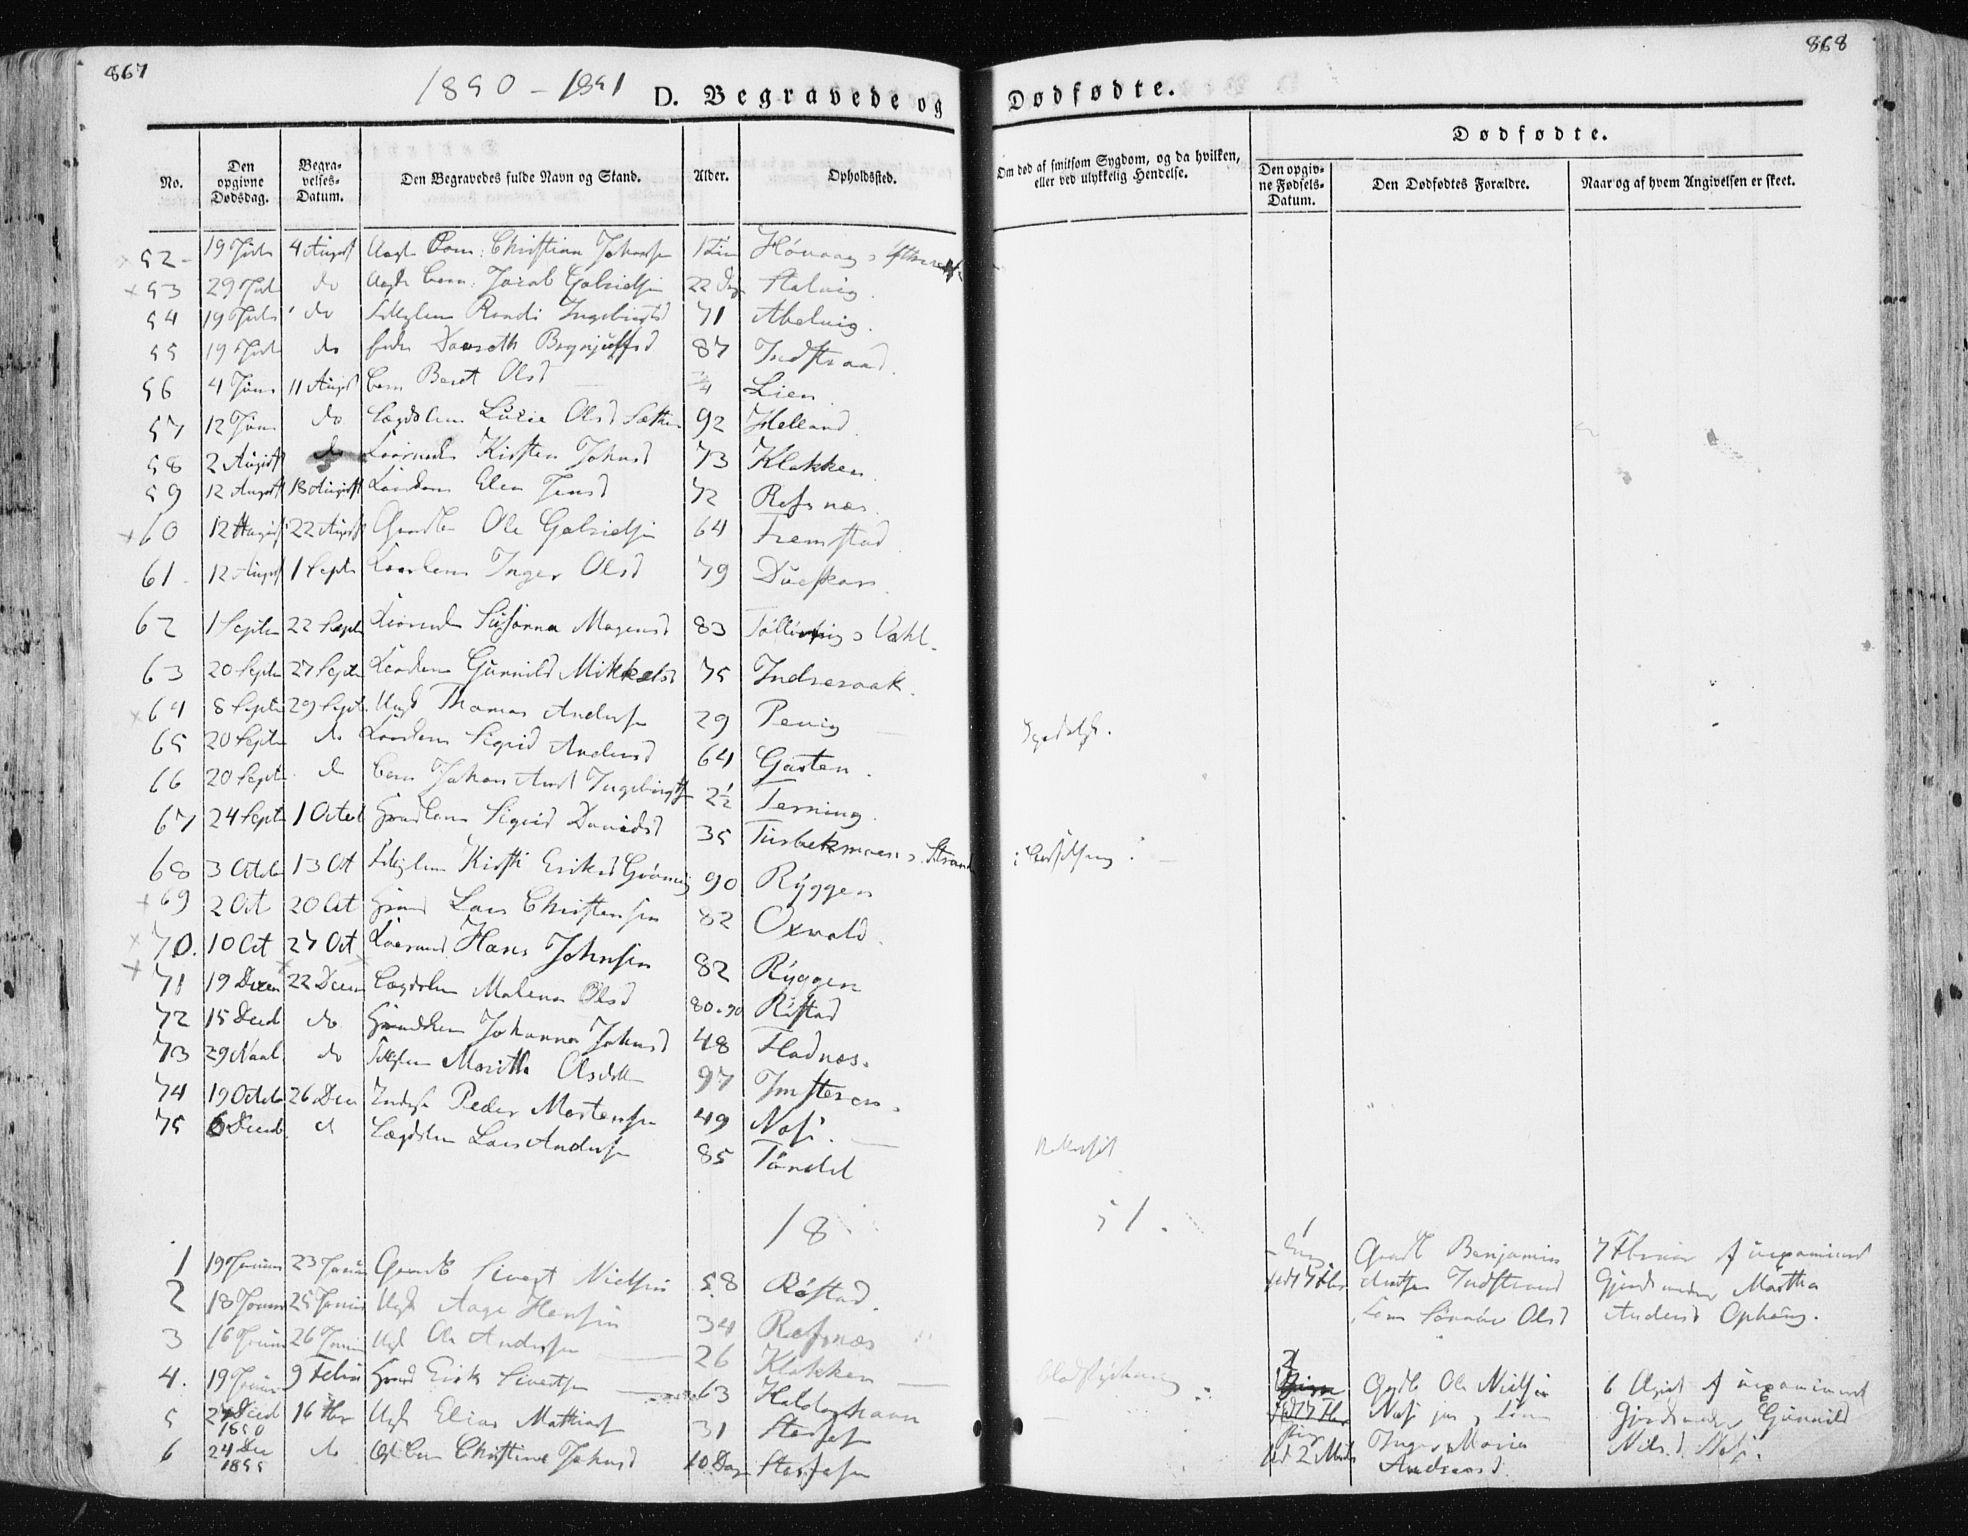 SAT, Ministerialprotokoller, klokkerbøker og fødselsregistre - Sør-Trøndelag, 659/L0736: Ministerialbok nr. 659A06, 1842-1856, s. 867-868